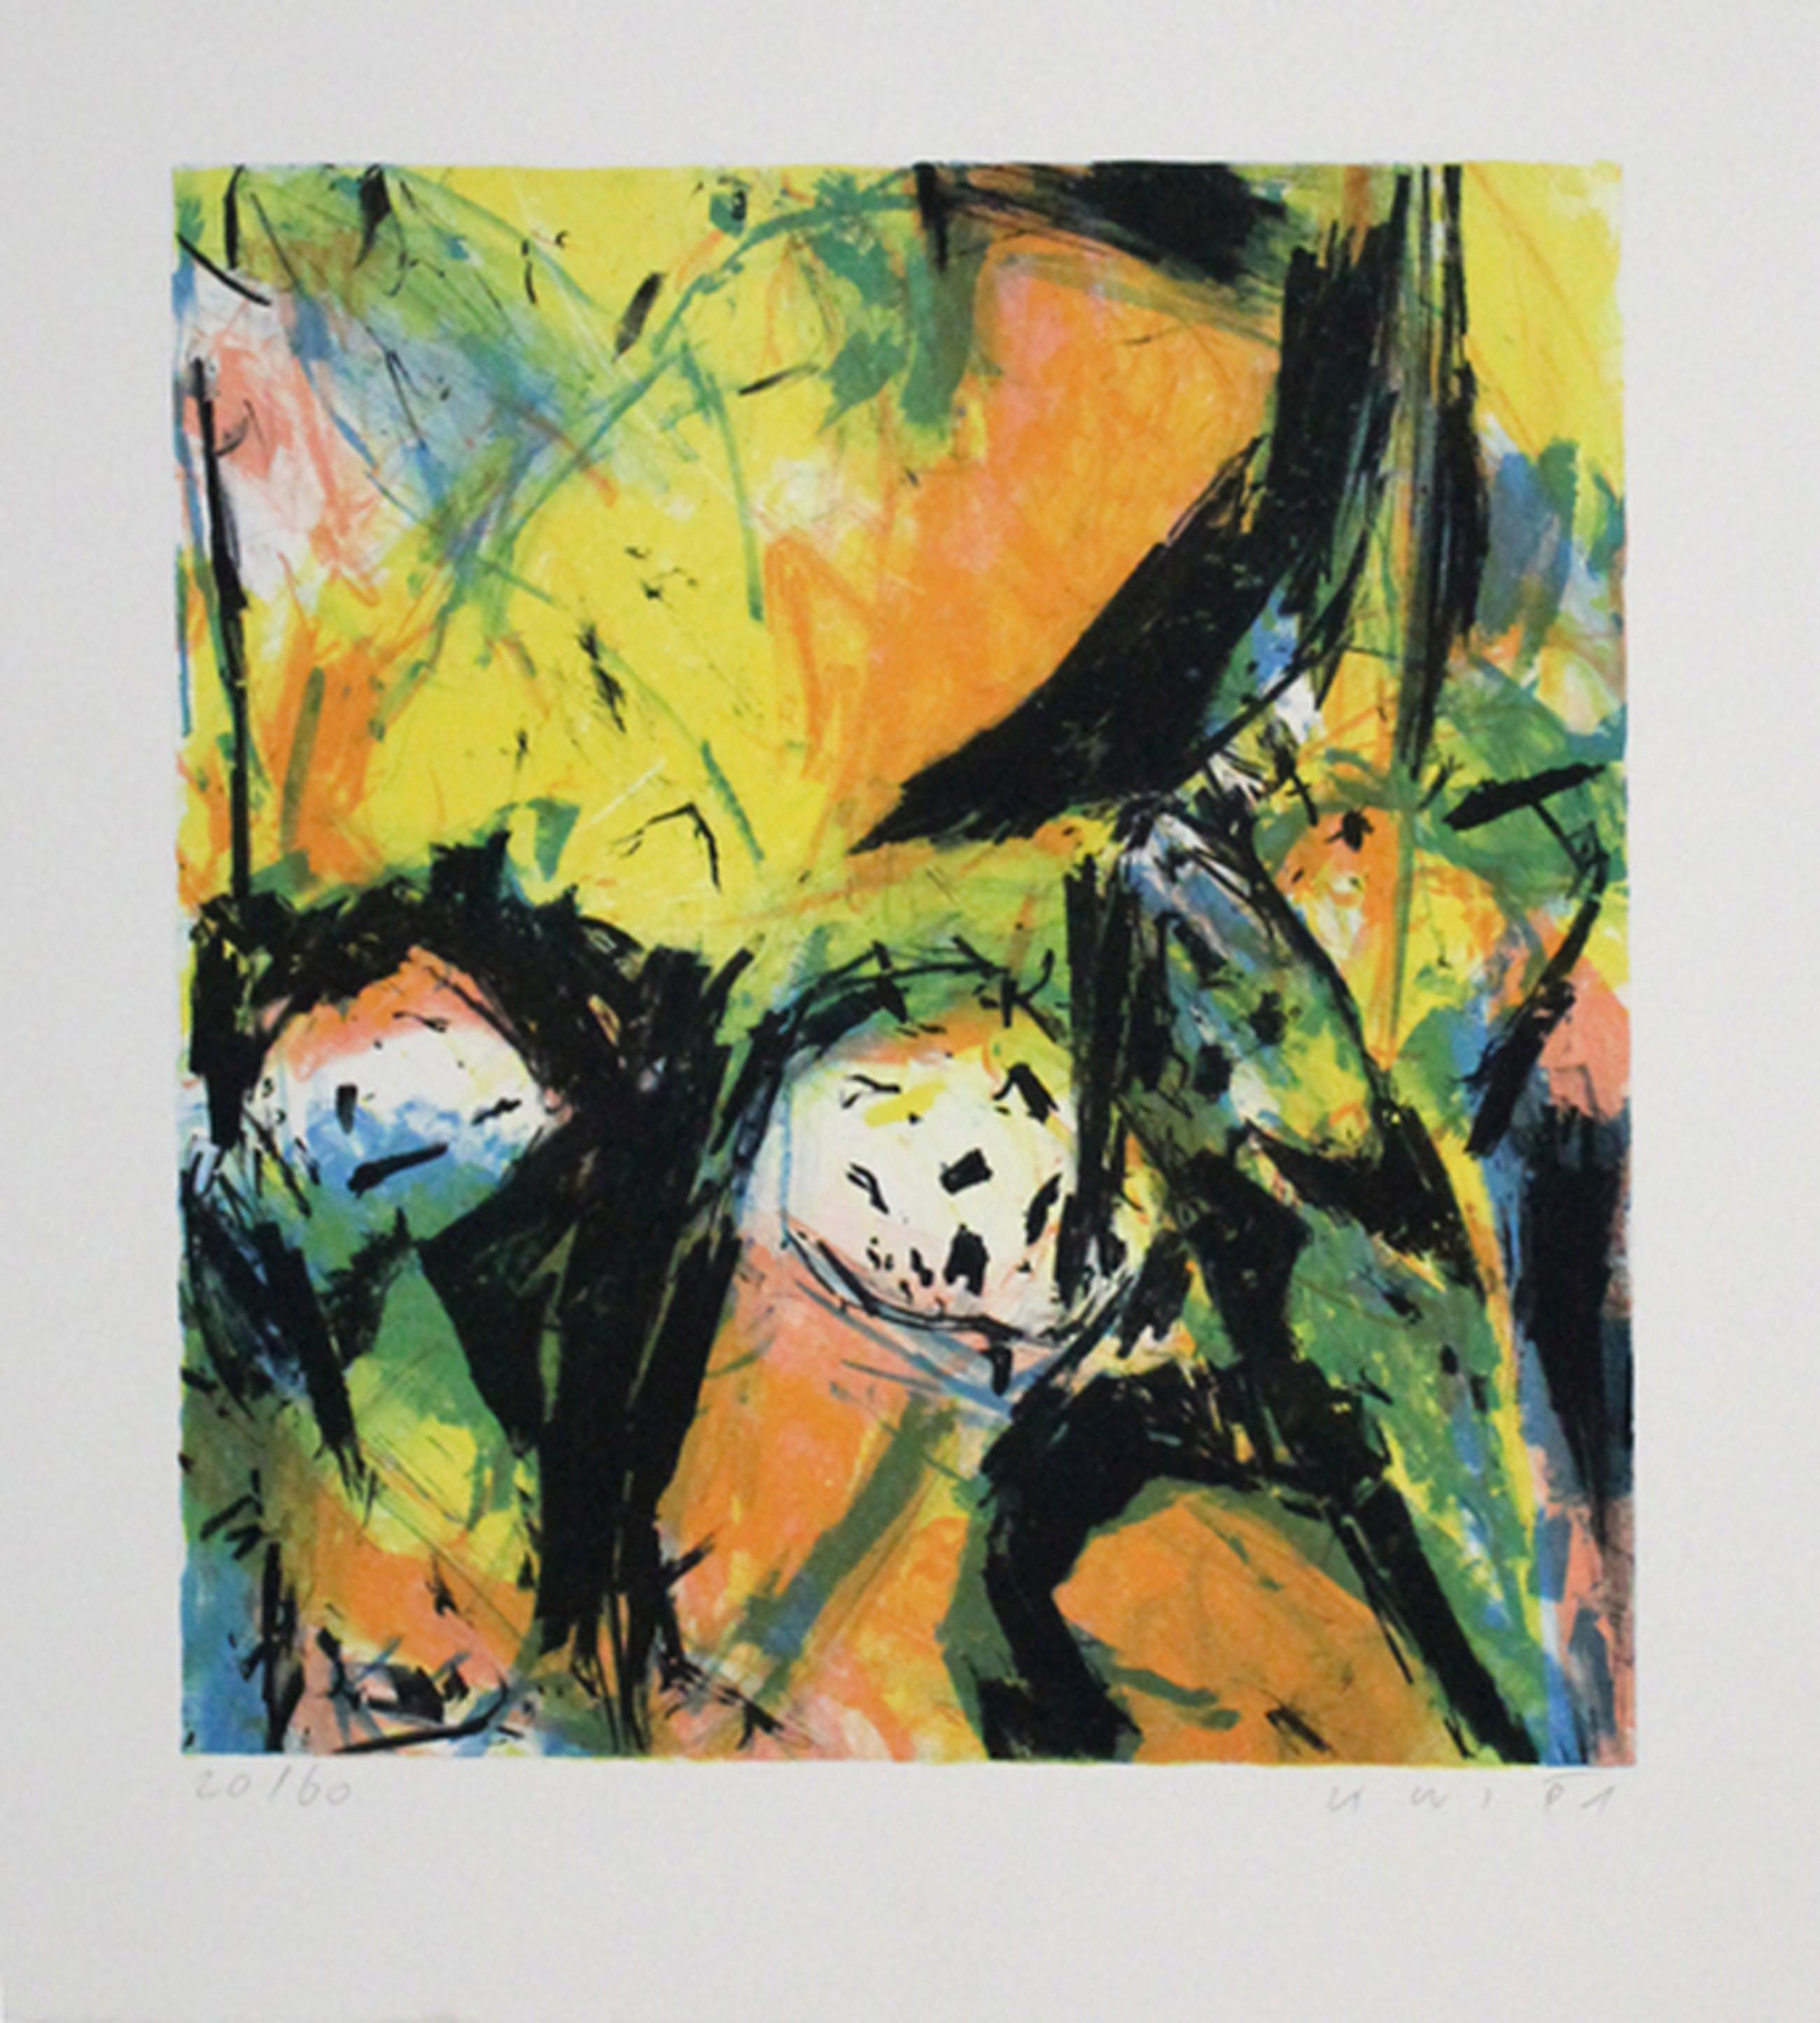 """Konrad Winter, kleurenlithografie, """"Kompositie"""", 1991 kopen? Bied vanaf 30!"""